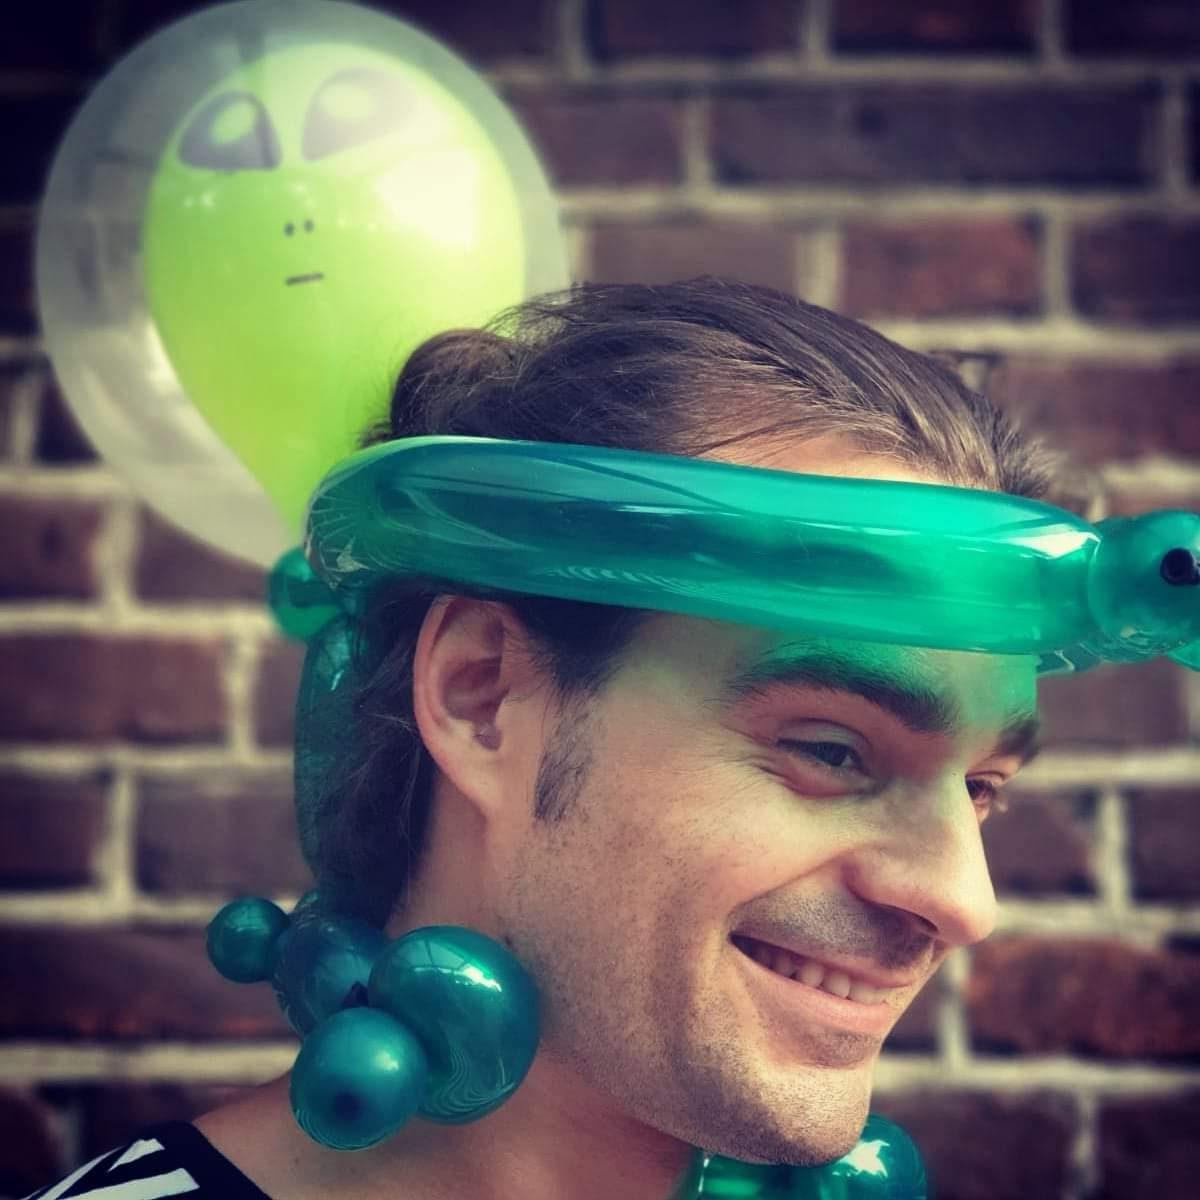 lachender Mann mit Ballon auf dem Kopf in Form eines Aliens